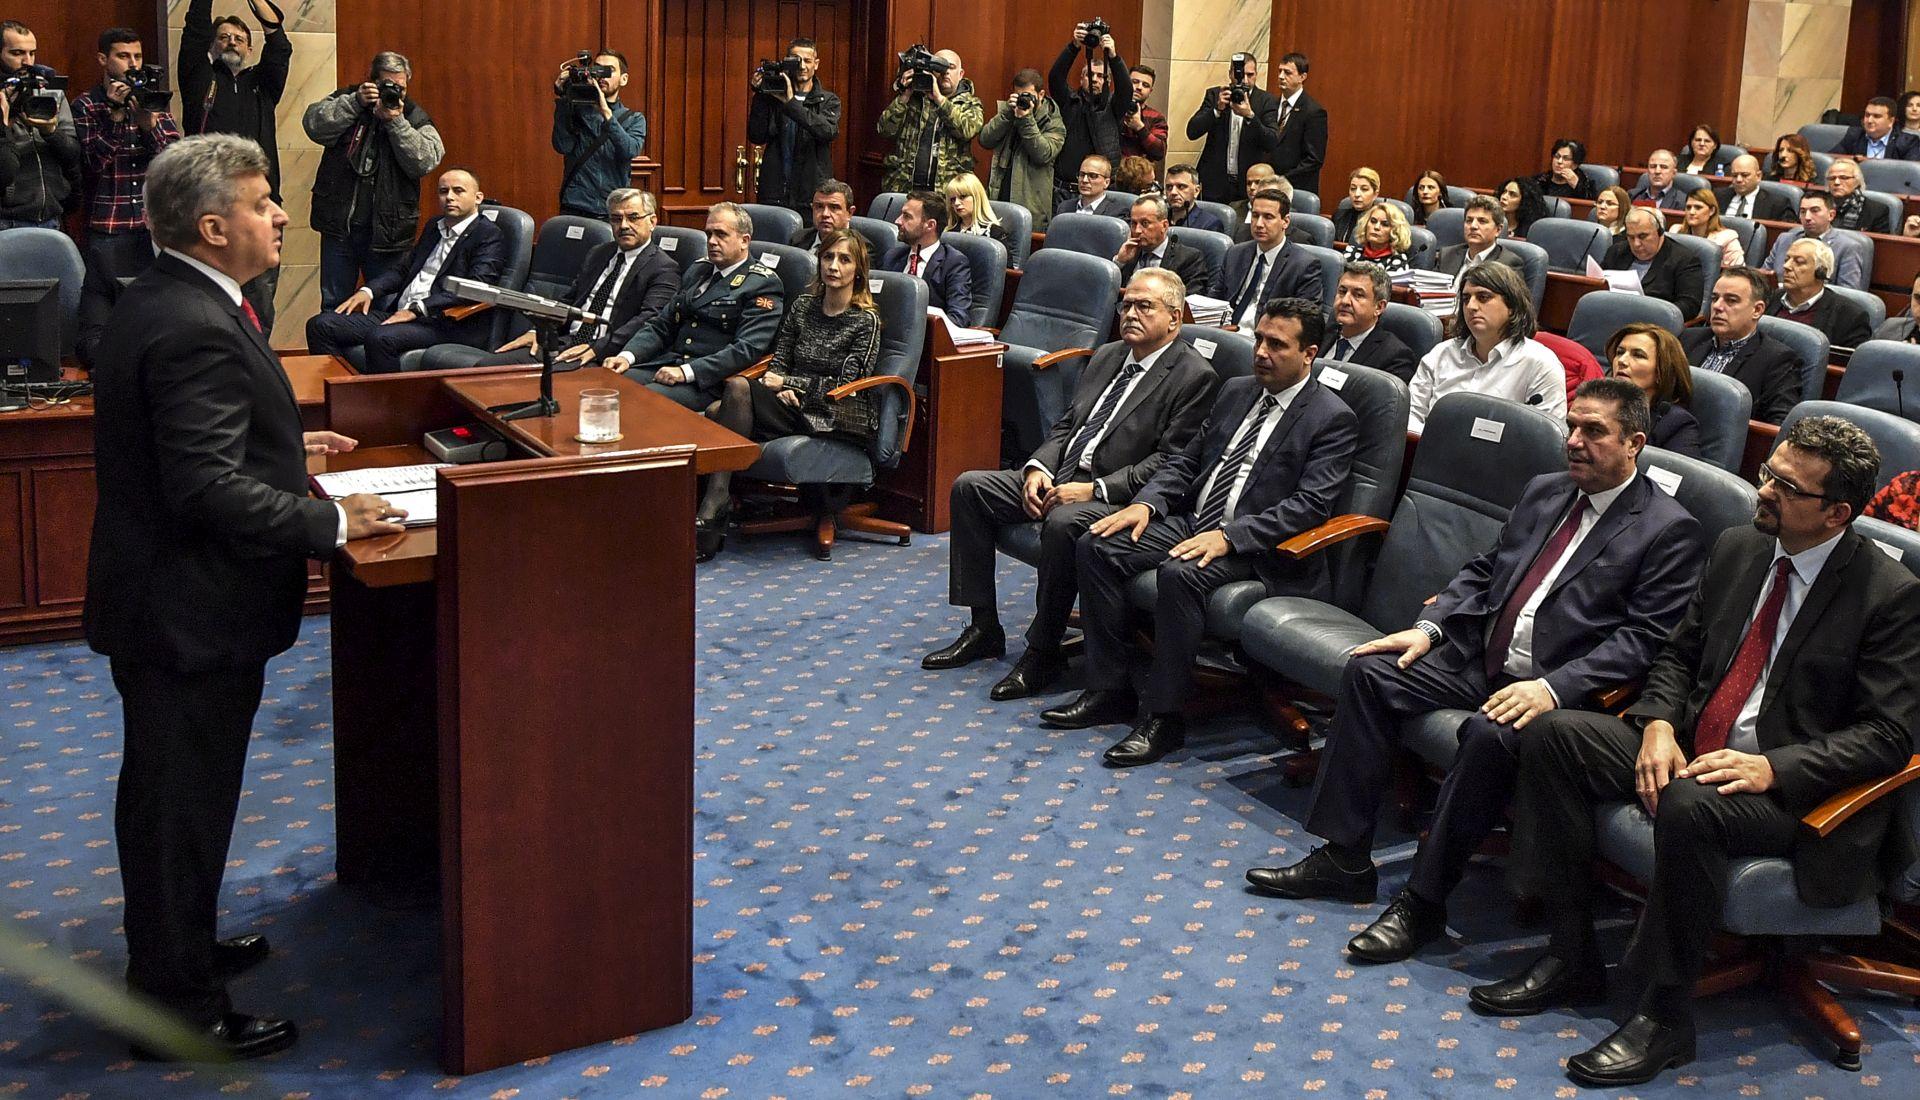 Makedonski parlament počinje konačnu raspravu o promjeni imena